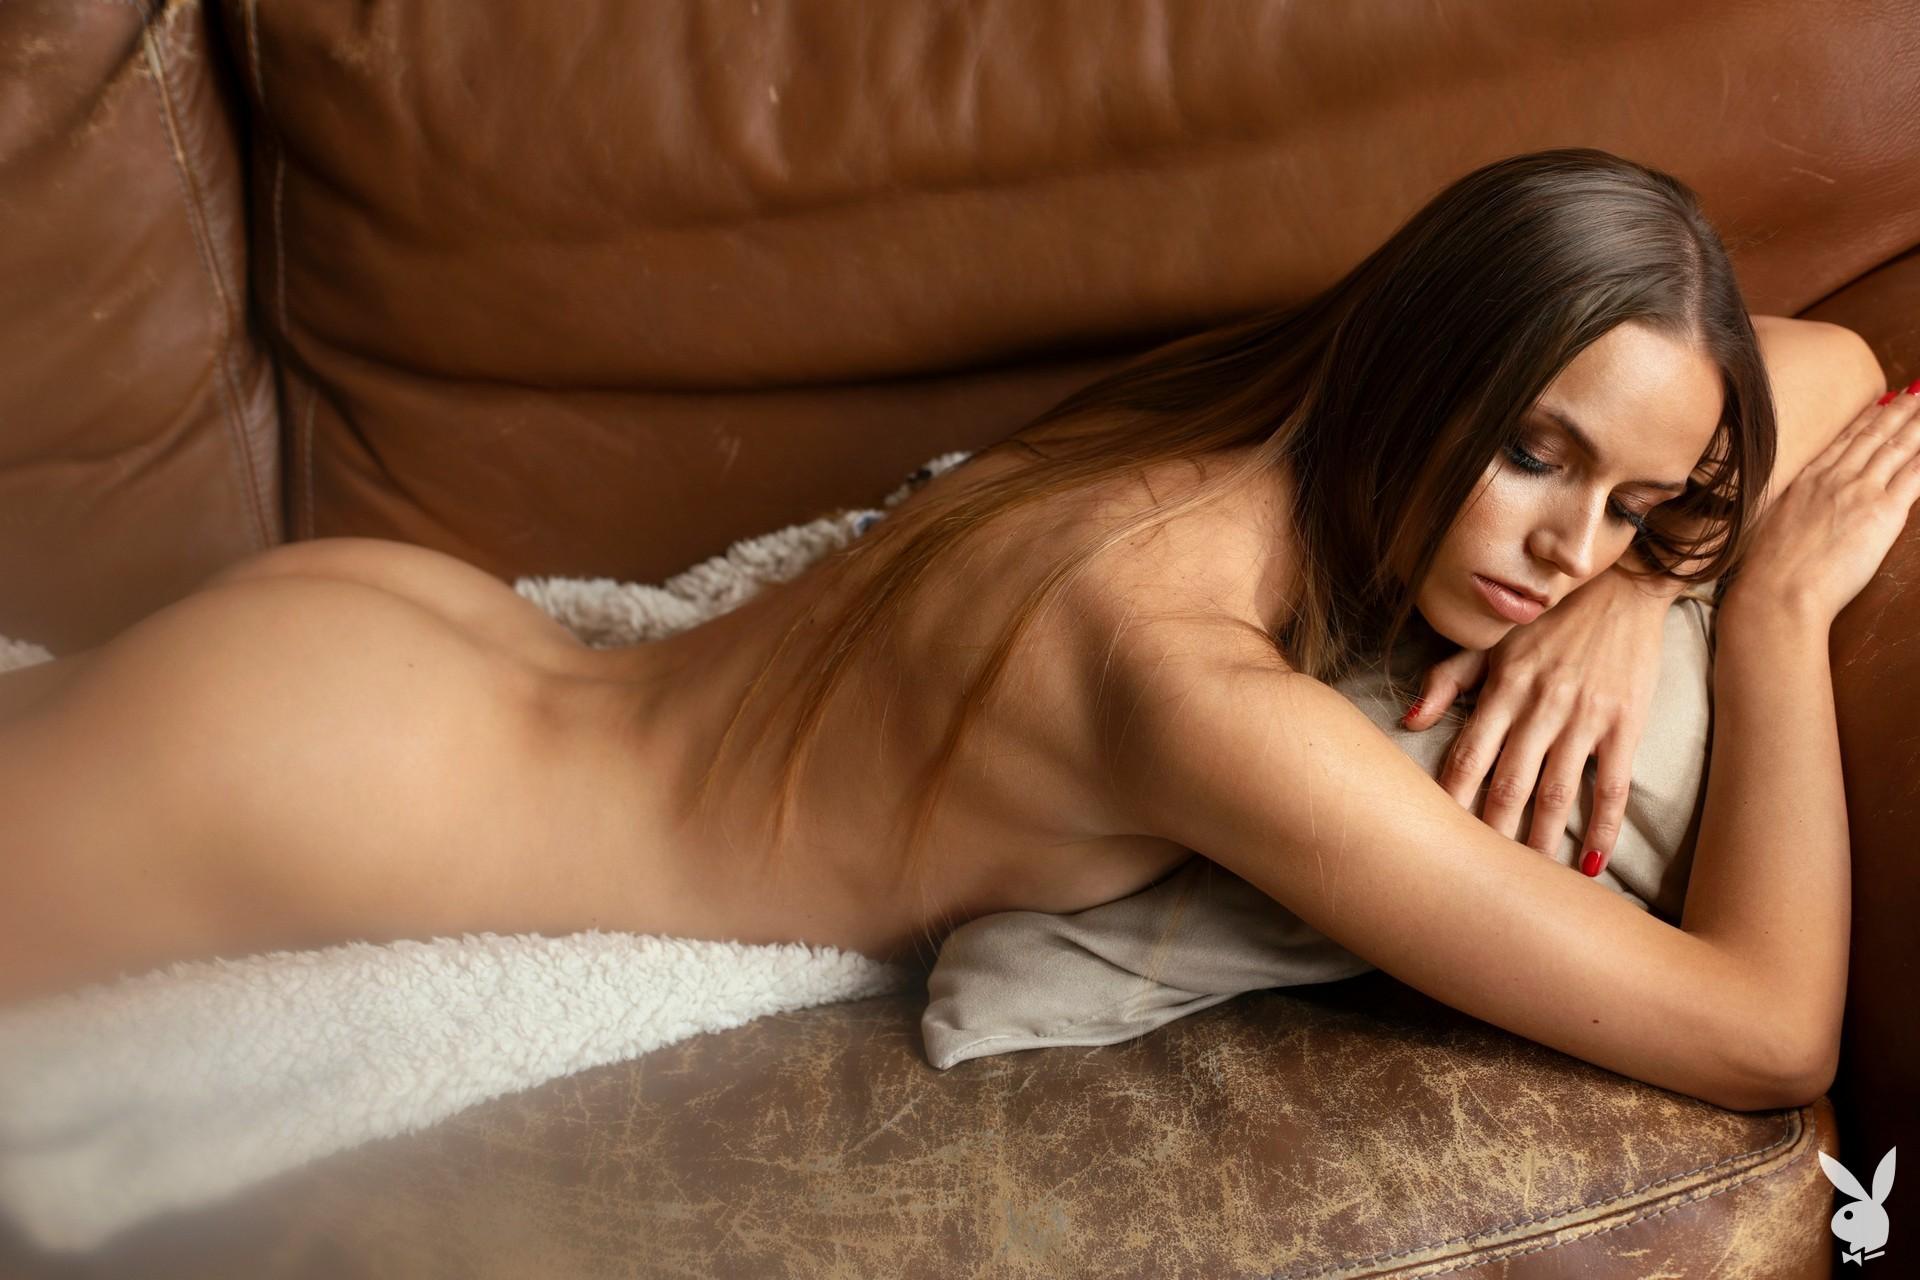 Adel Vakula - Playboy photoshoot